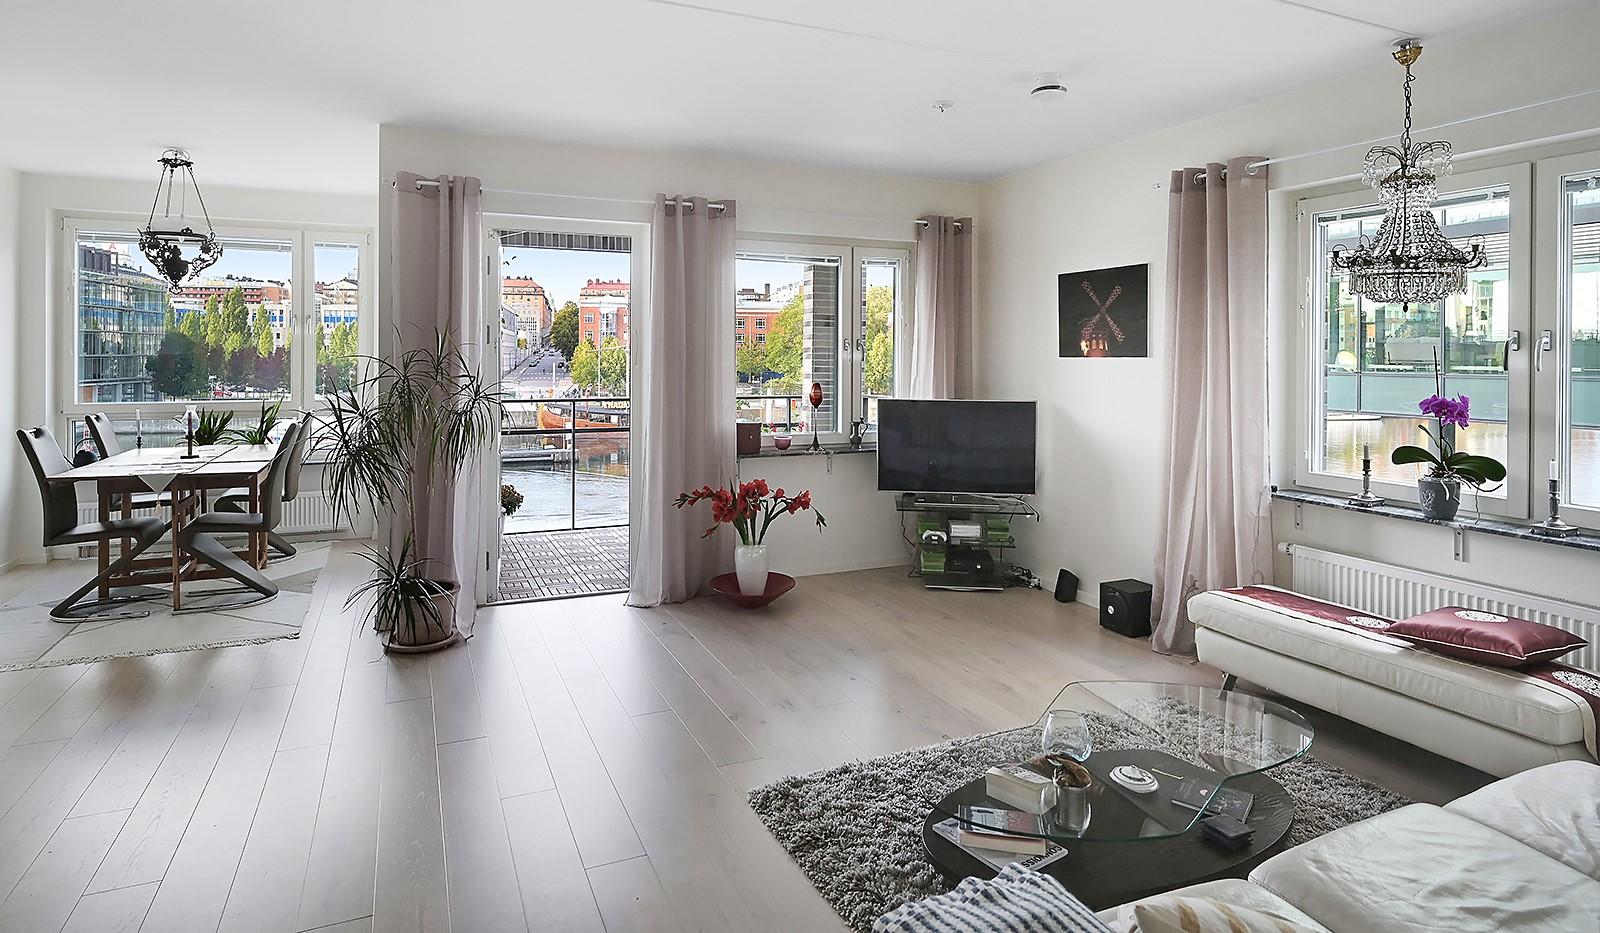 Fredriksdalsgatan 24, vån 2 - Hörnläget förser vardagsrummet med fönster i dubbla väderstreck